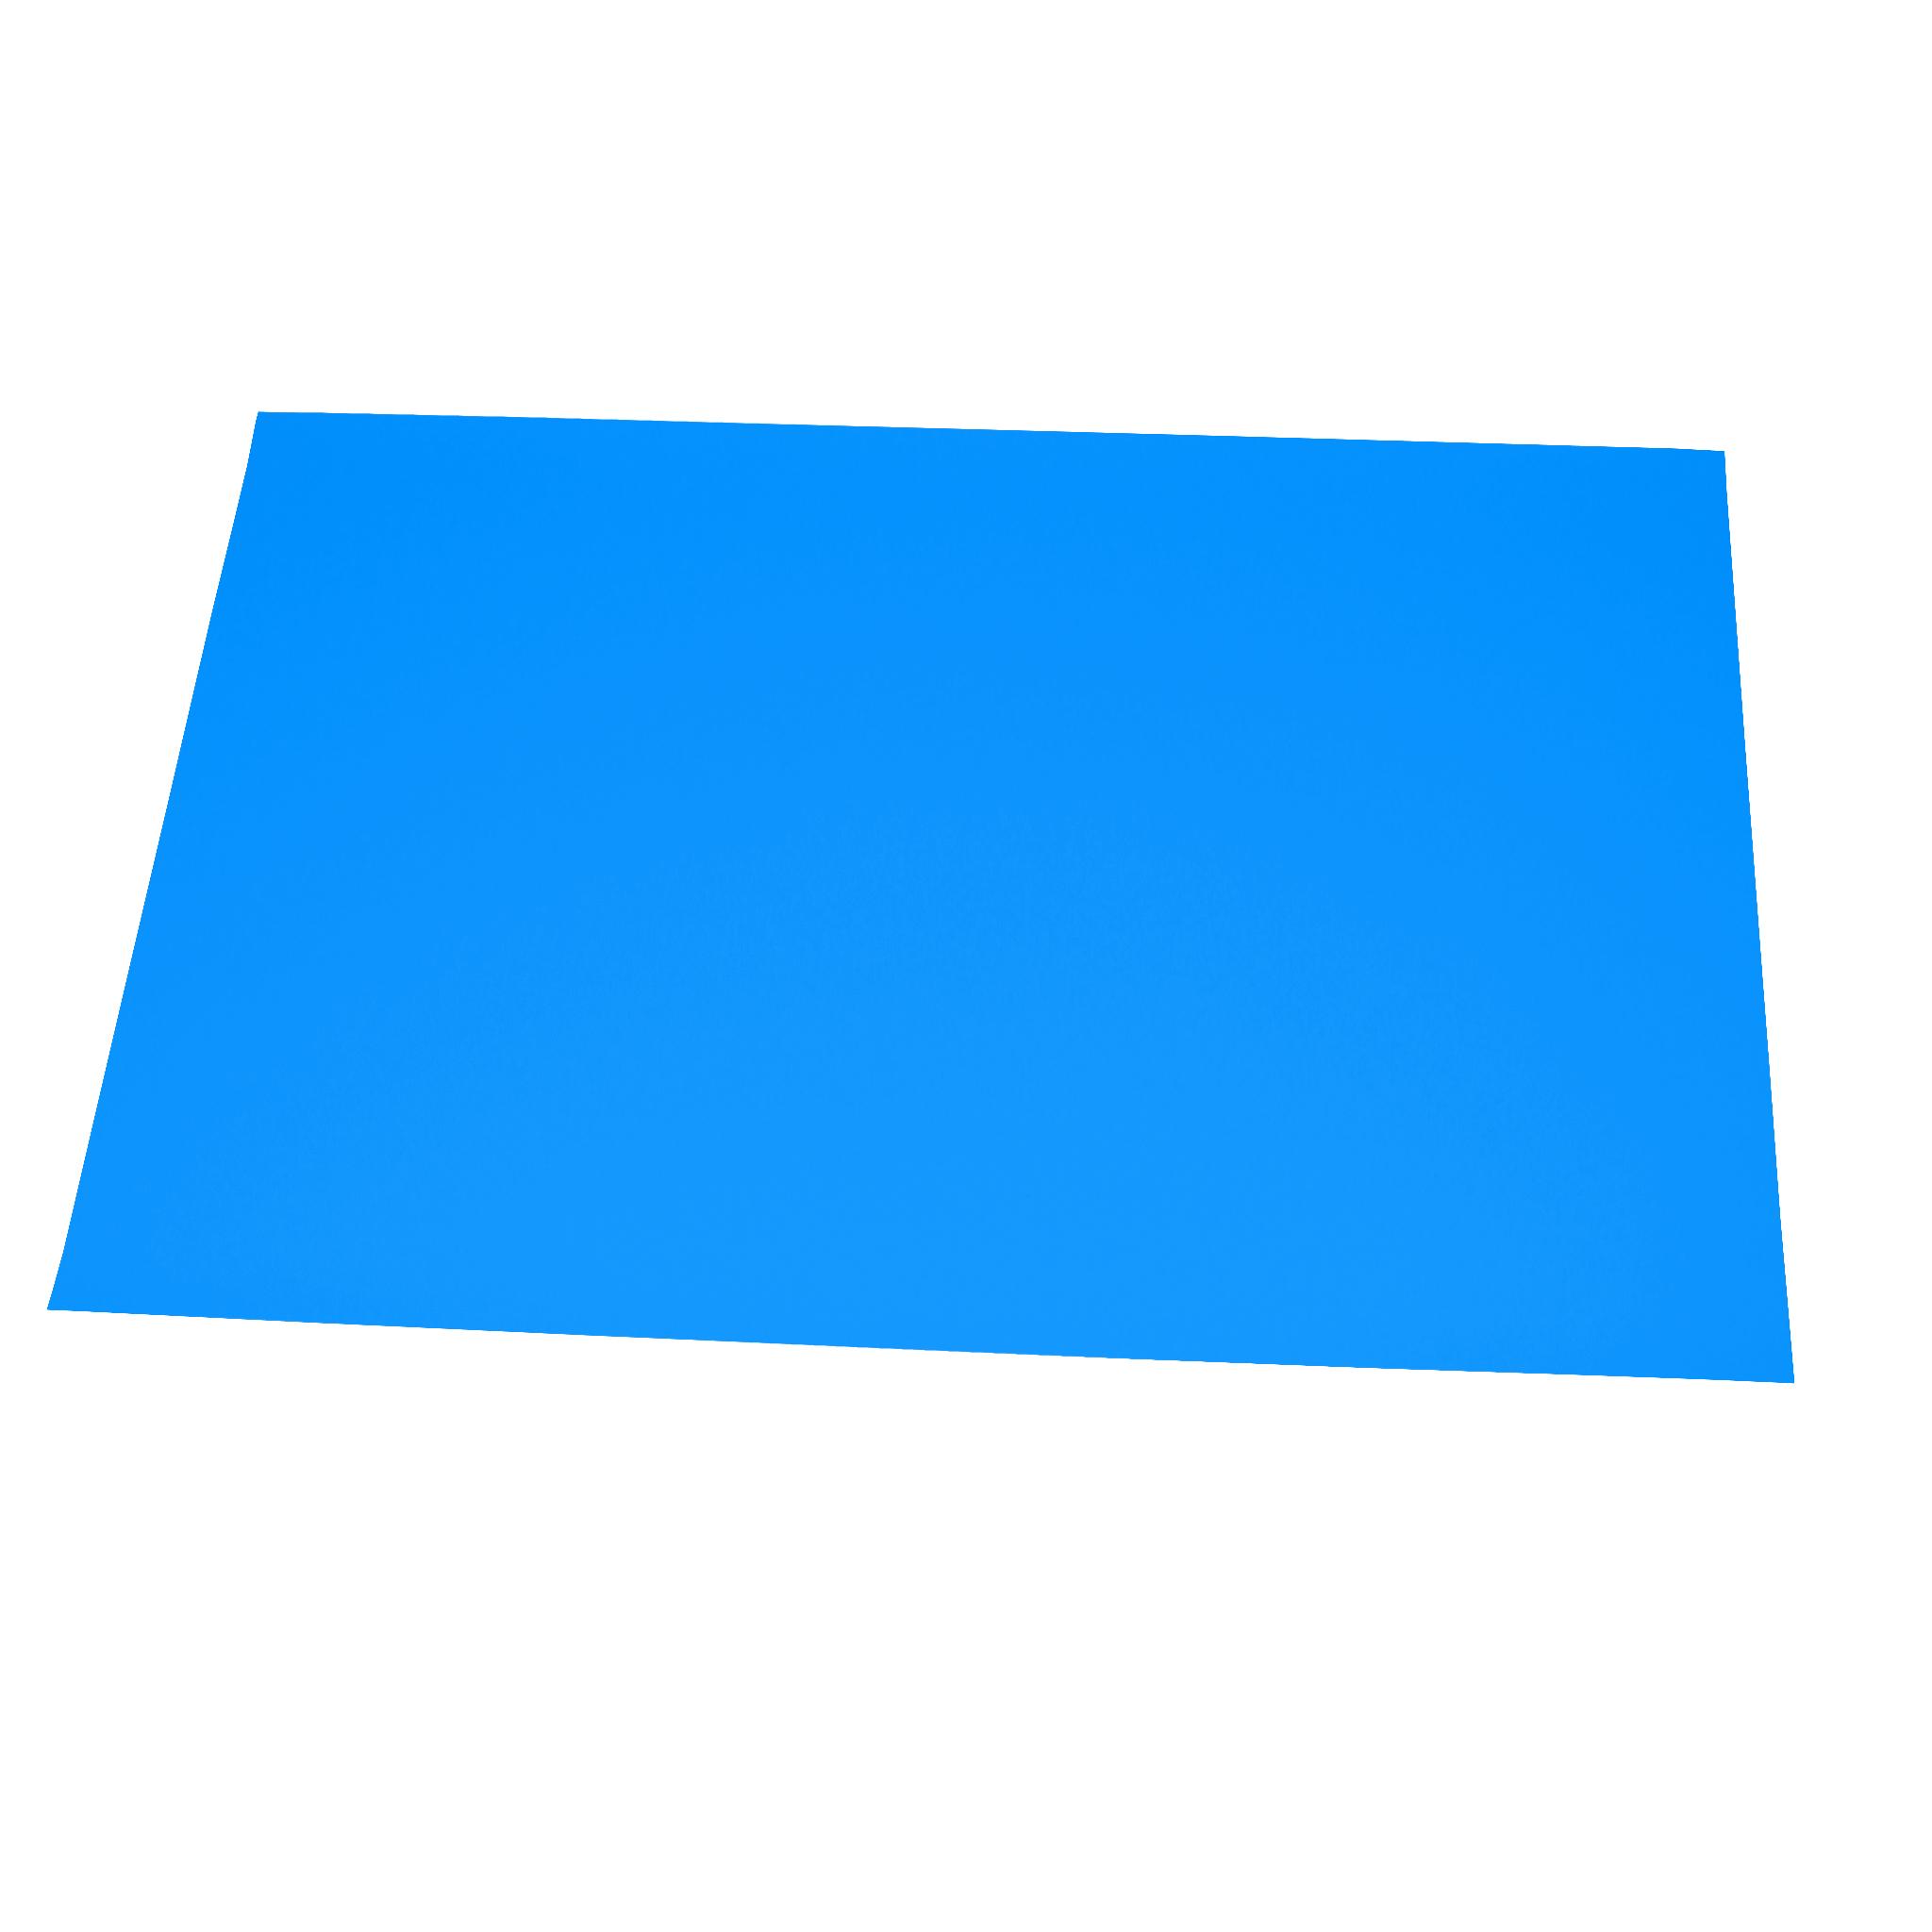 100 JUNOPAX® Platzdecken Tischsets europa-blau